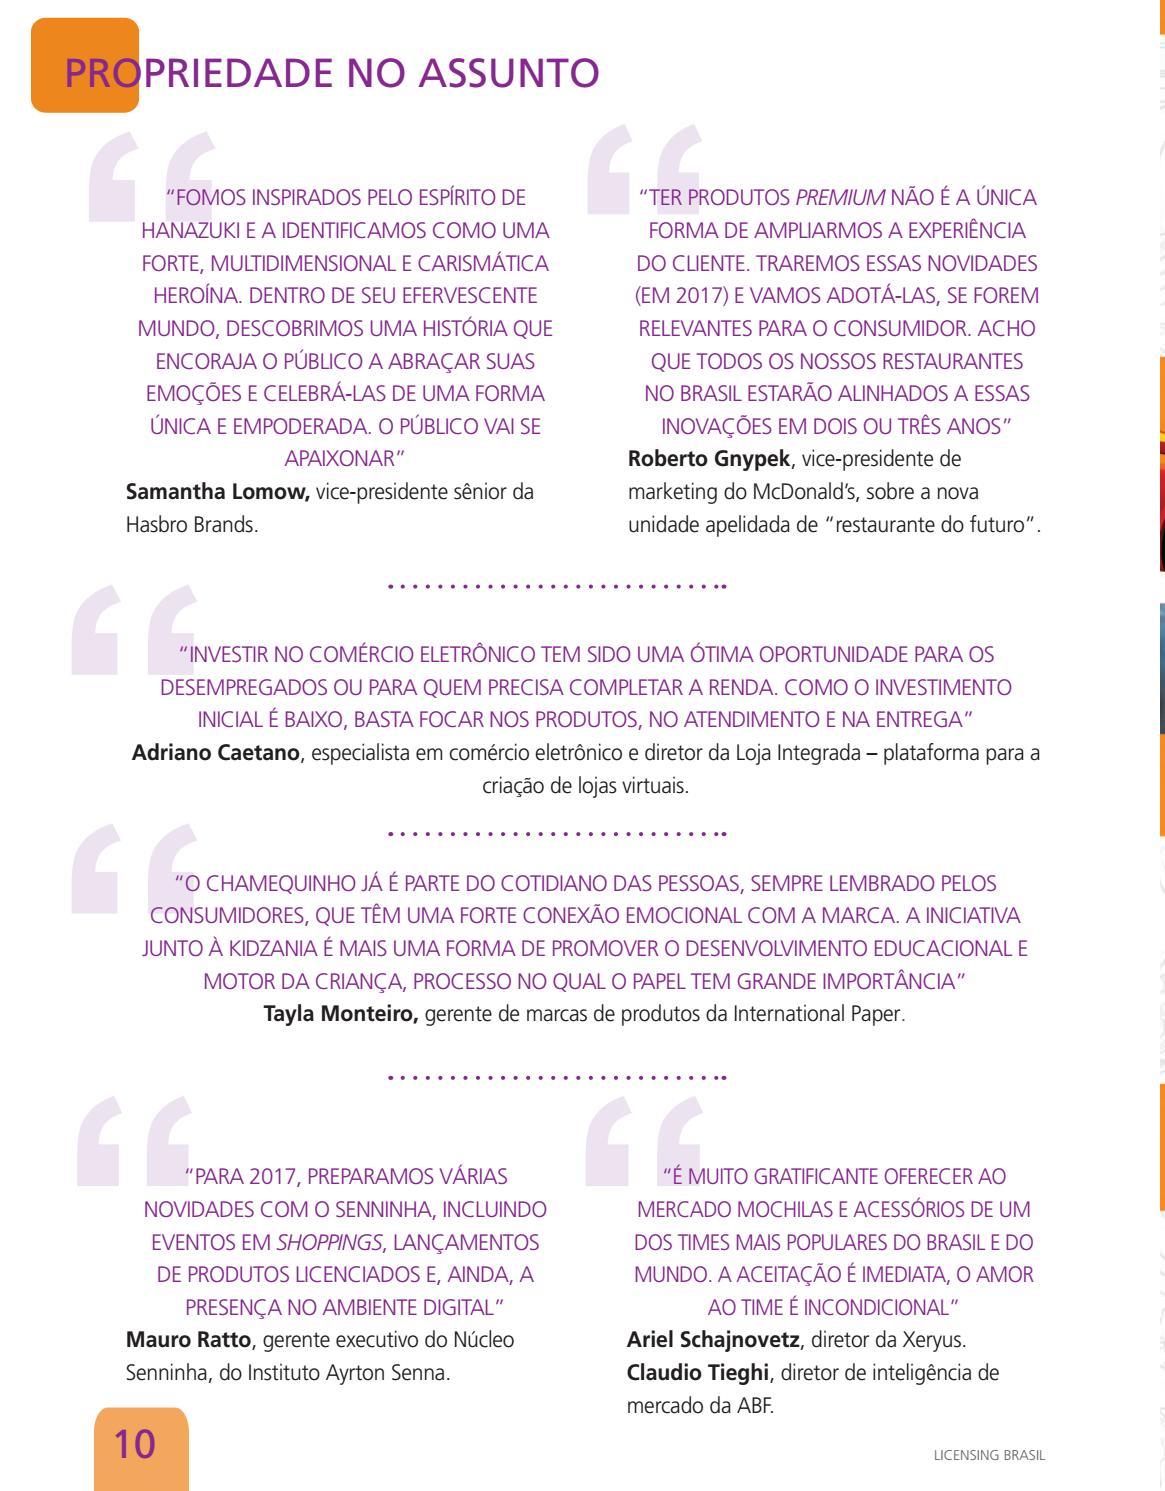 Revista Licensing Brasil #53 by EP Grupo – Agência de Conteúdo - issuu